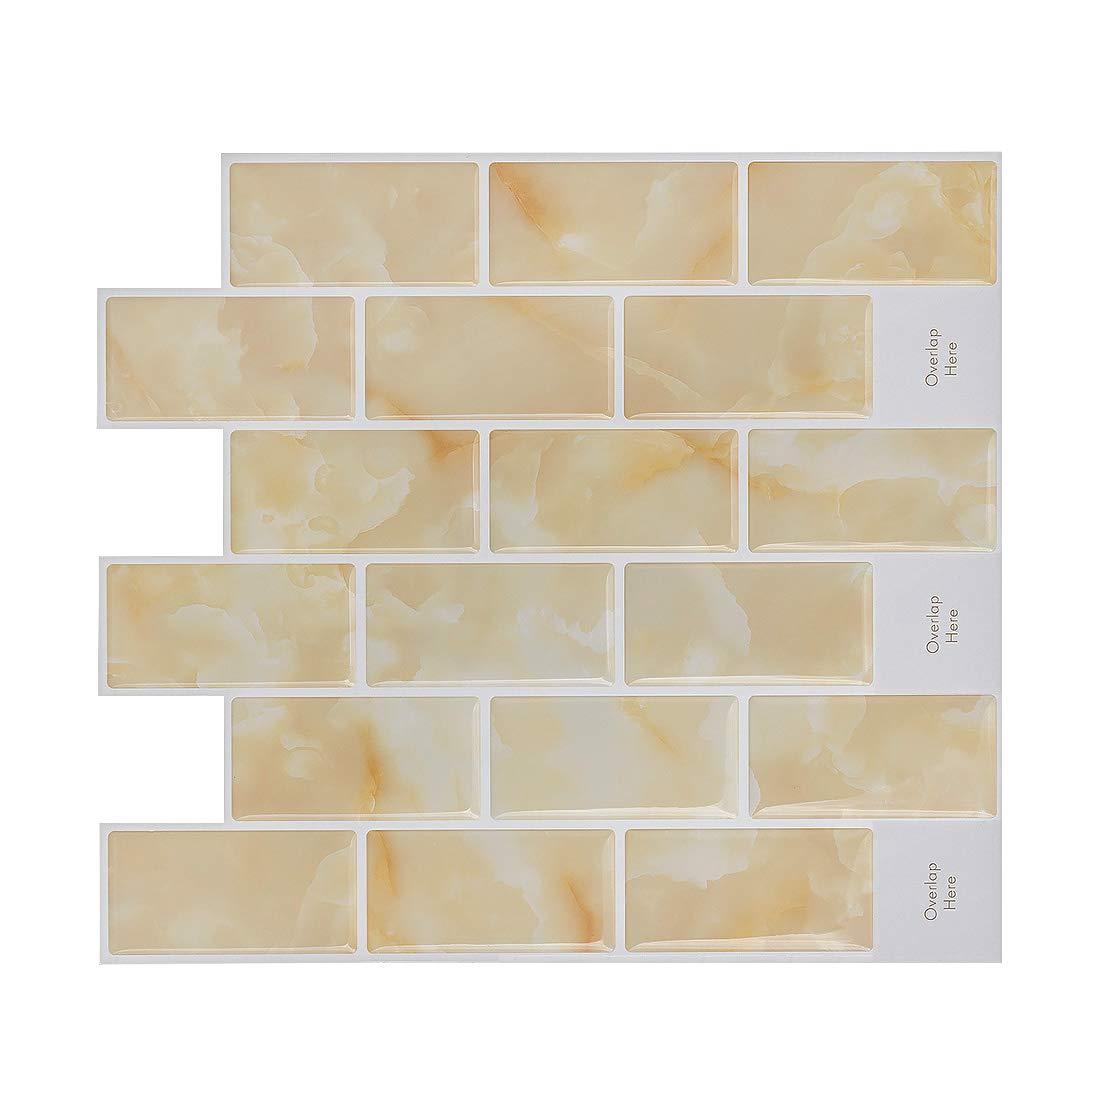 HUE DECORATION Peel and Stick Tile Backspalsh, Anti Mold Yellow Subway Backsplash Tile 11.26'' x 10'' Pack of 8